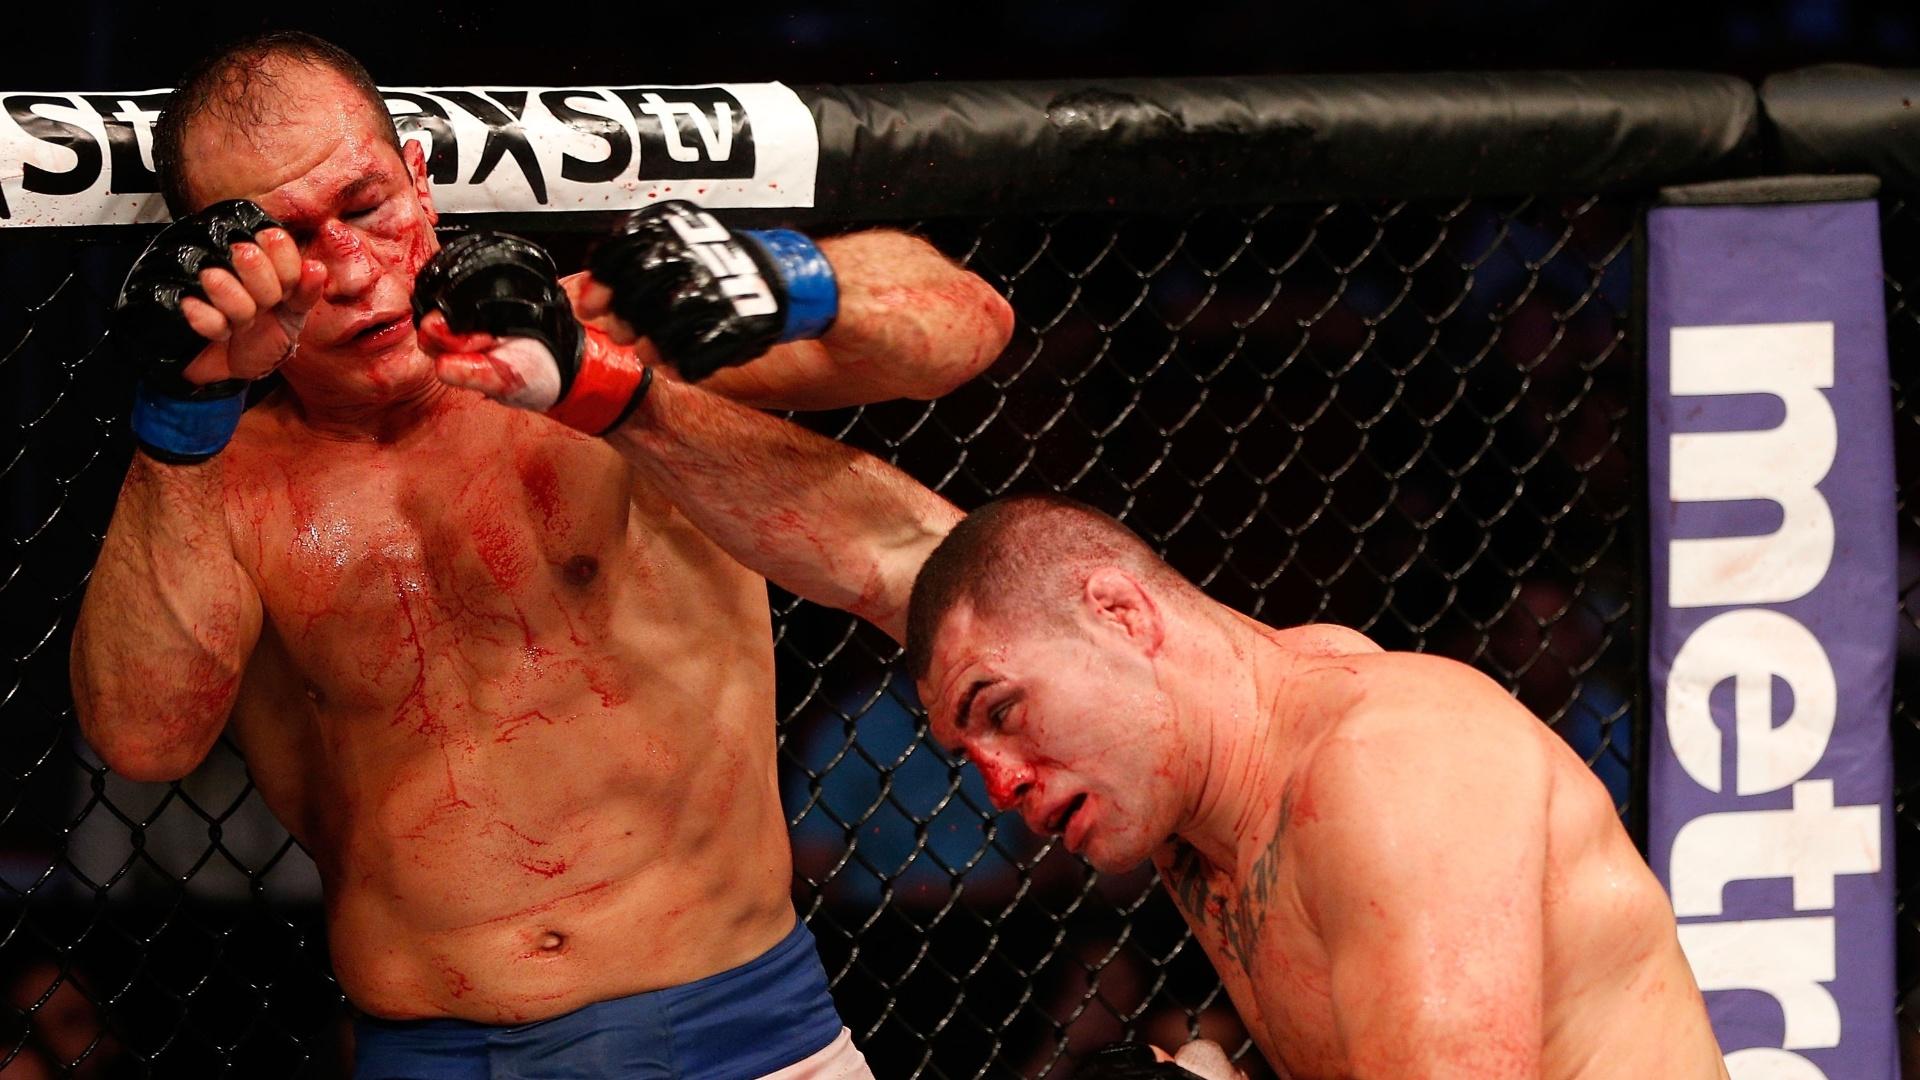 Cigano recebe golpe de Cain Velasquez durante a luta pelo cinturão dos pesados